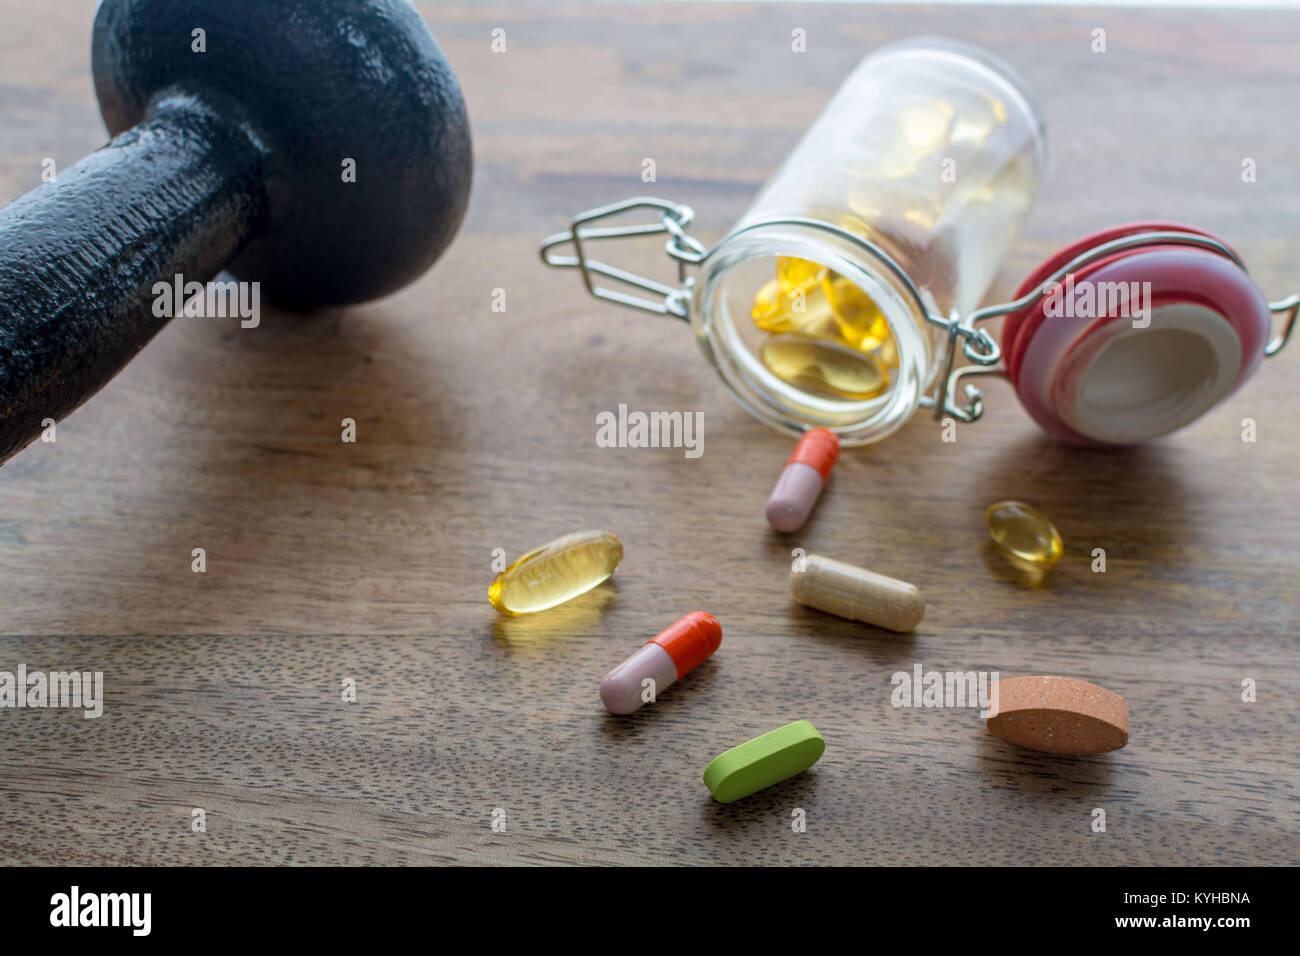 Primer plano sobre la pesa y suplementos dietéticos sobre la mesa de madera: concepto de fitness y pérdida Imagen De Stock